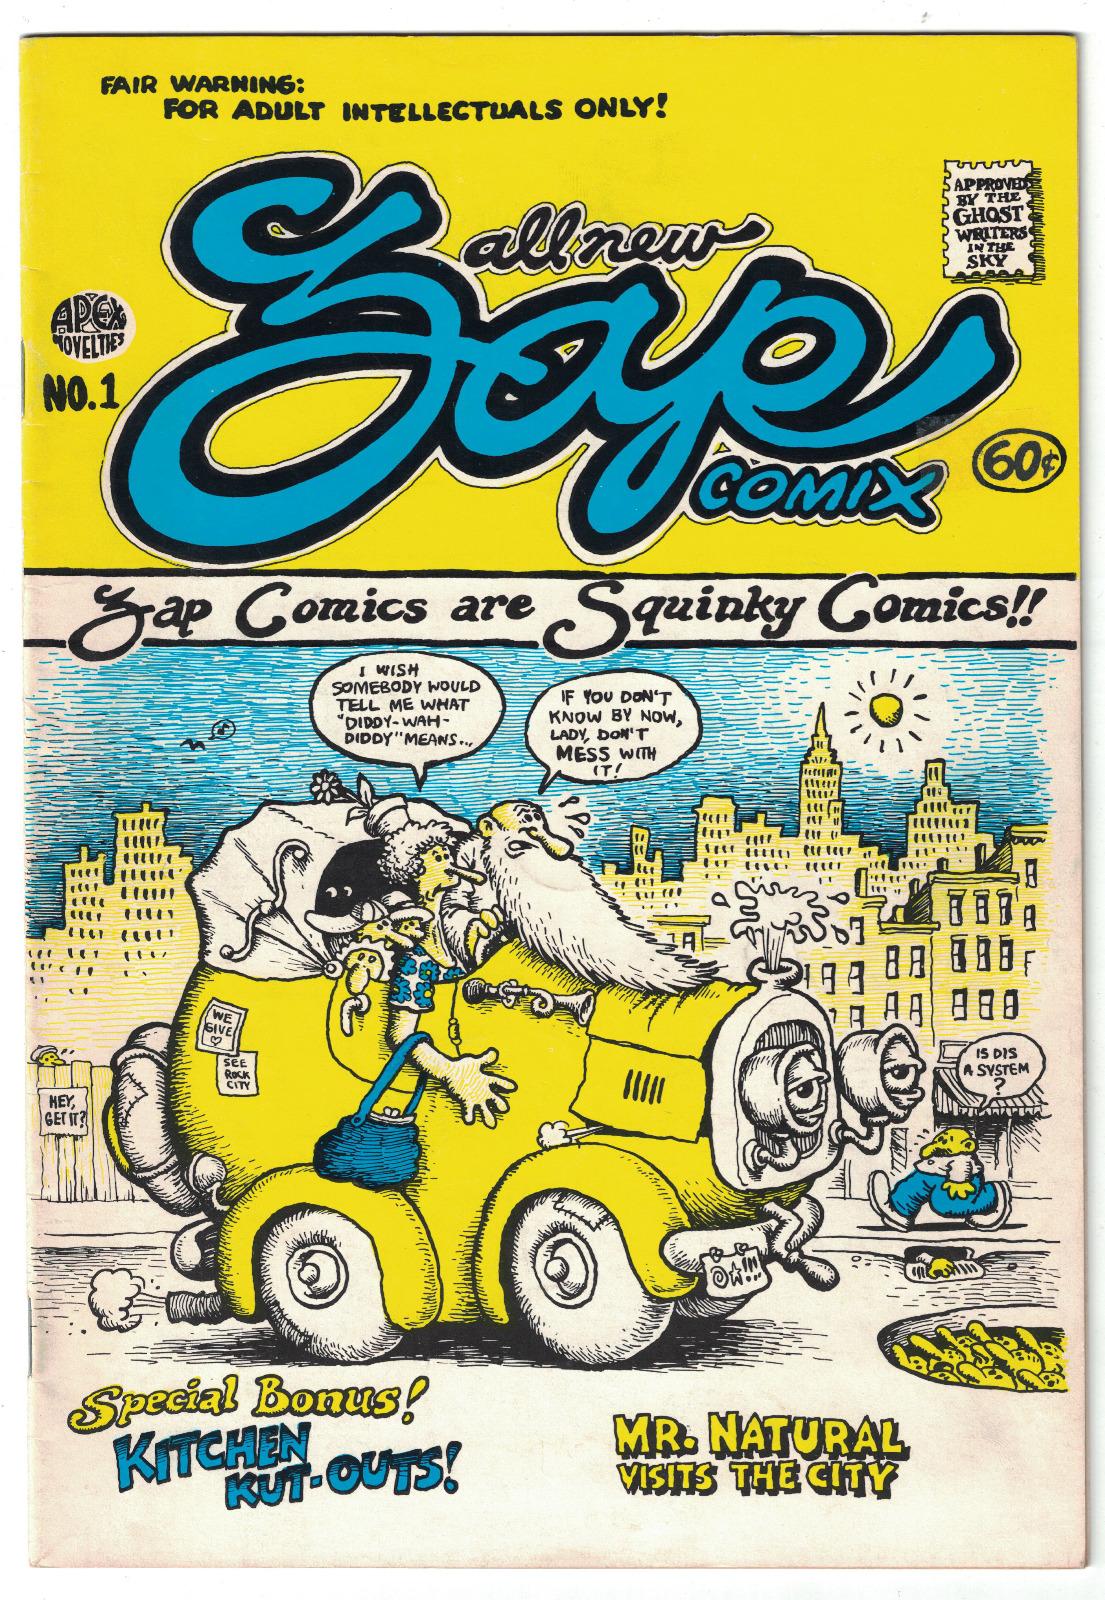 Роберт Крамб. Обкладинка журналу Zap #1, 1967